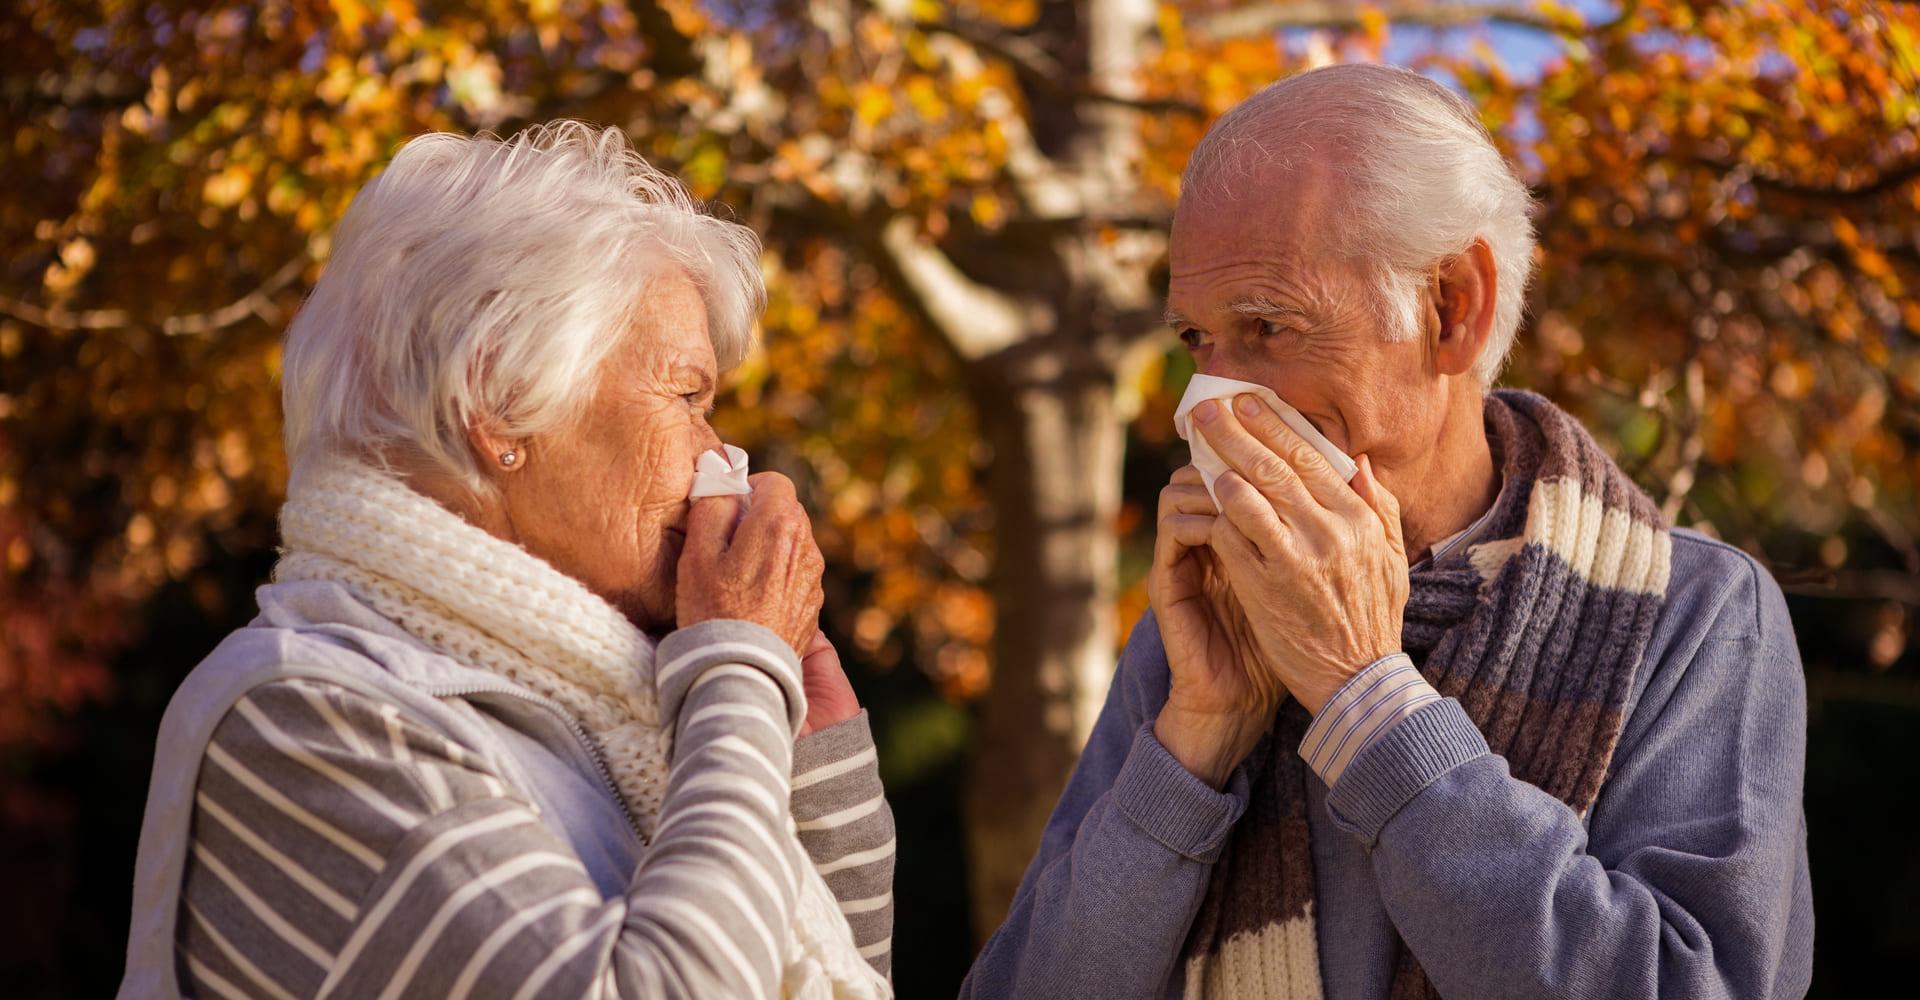 Eldery couple sneezing